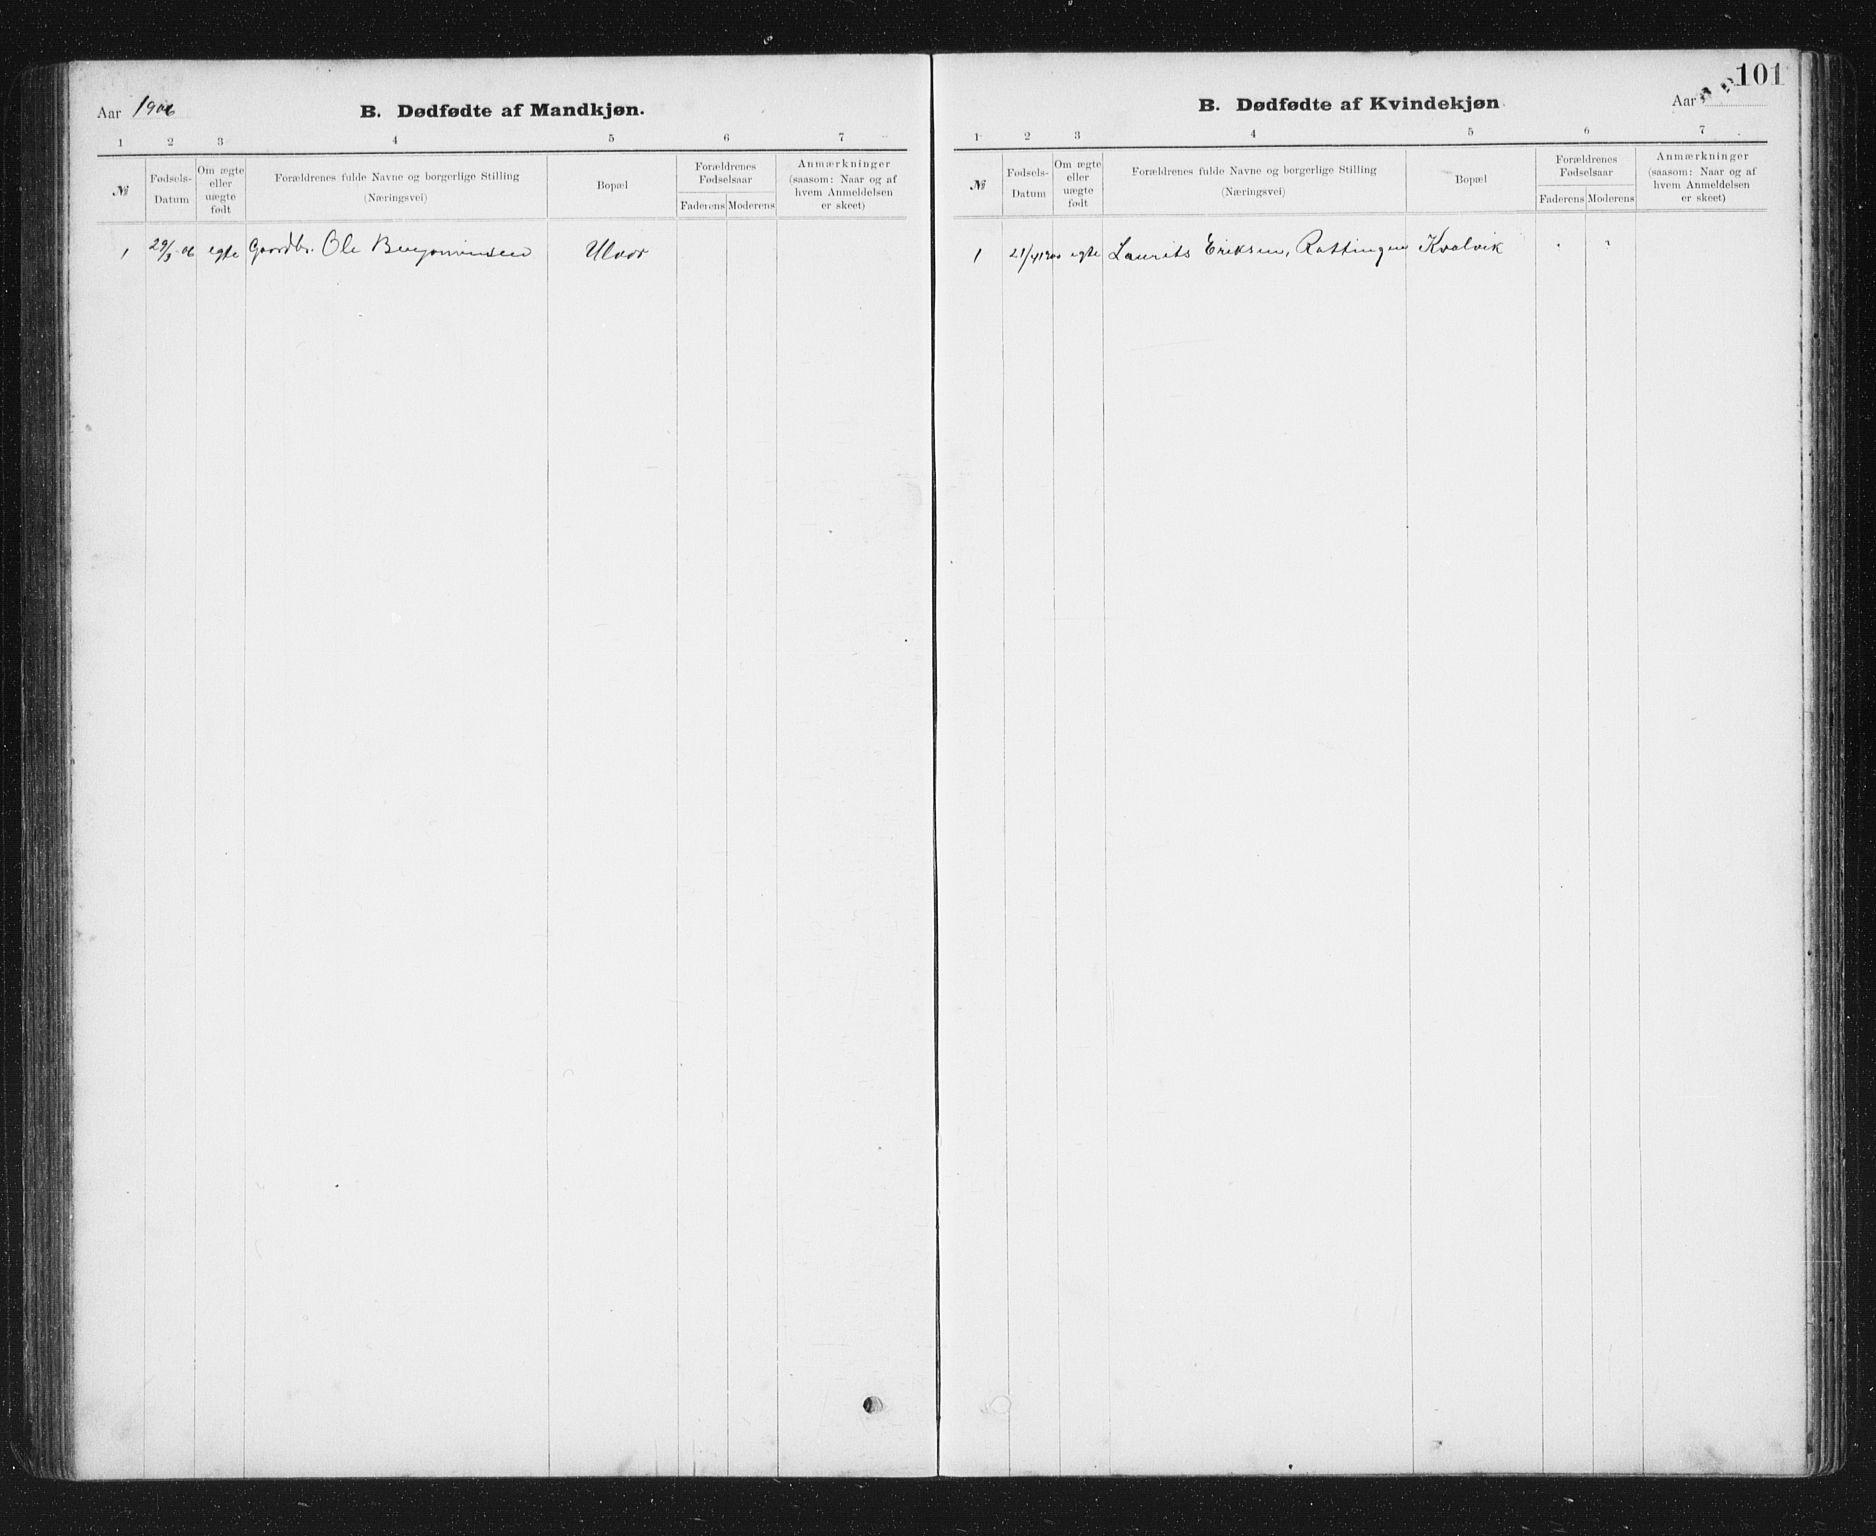 SAT, Ministerialprotokoller, klokkerbøker og fødselsregistre - Sør-Trøndelag, 637/L0563: Klokkerbok nr. 637C04, 1899-1940, s. 101